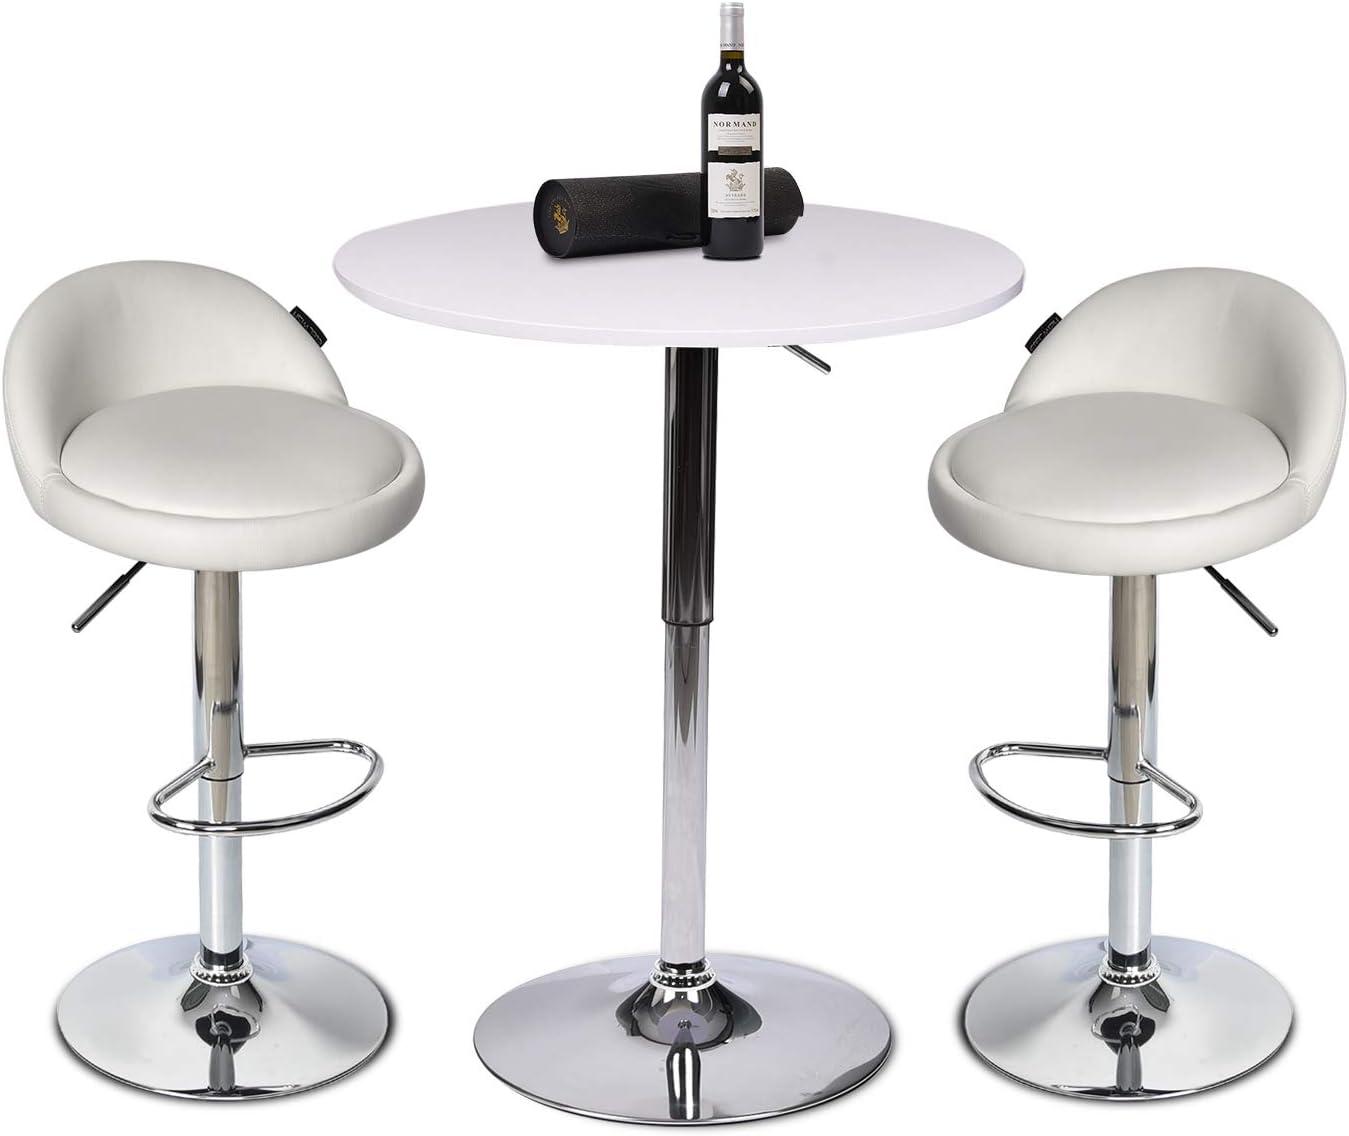 247SHOPATHOME Sonlen Round Pub Table White